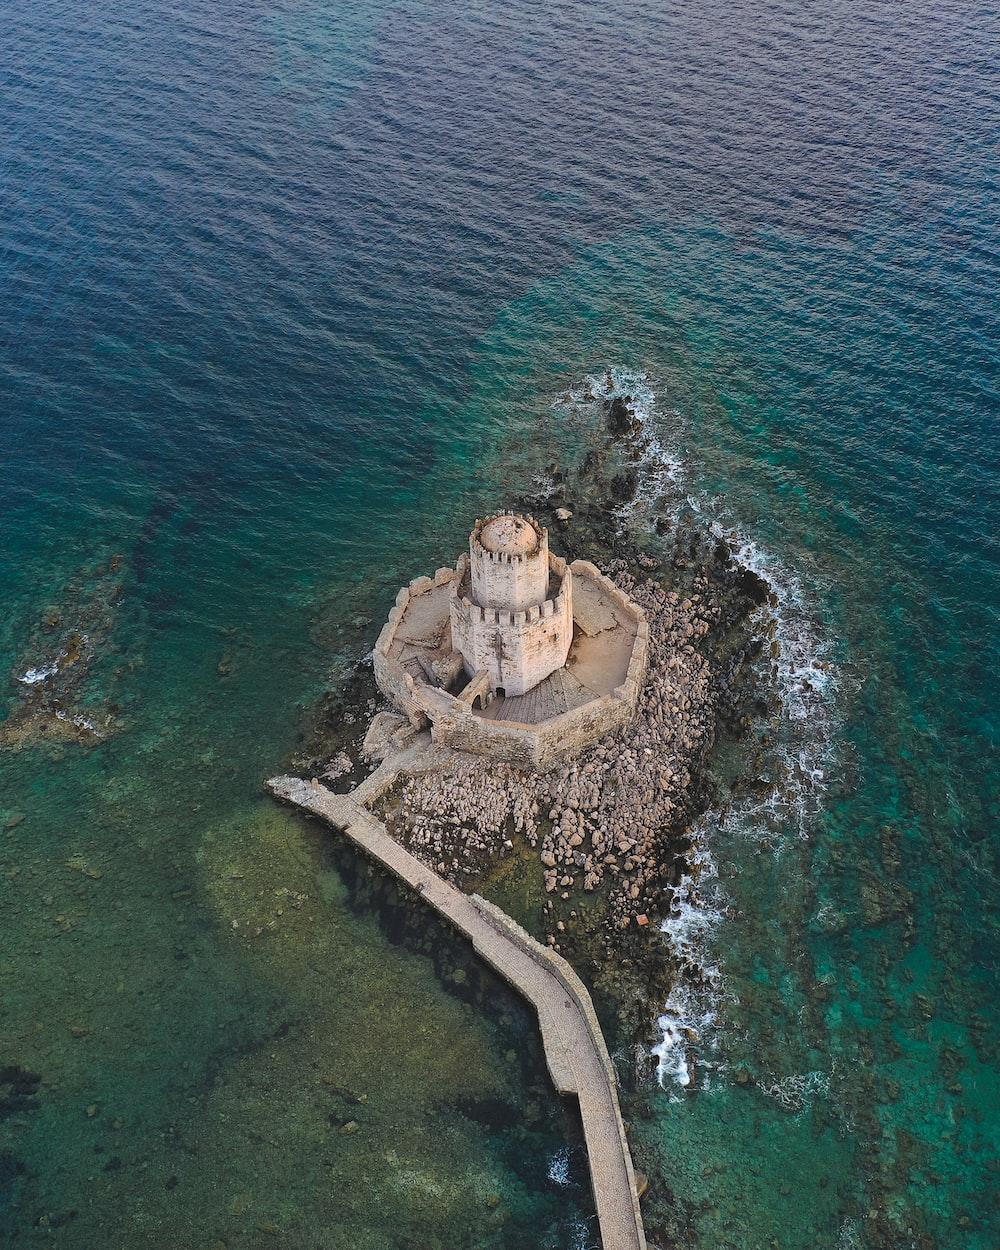 castle near sea